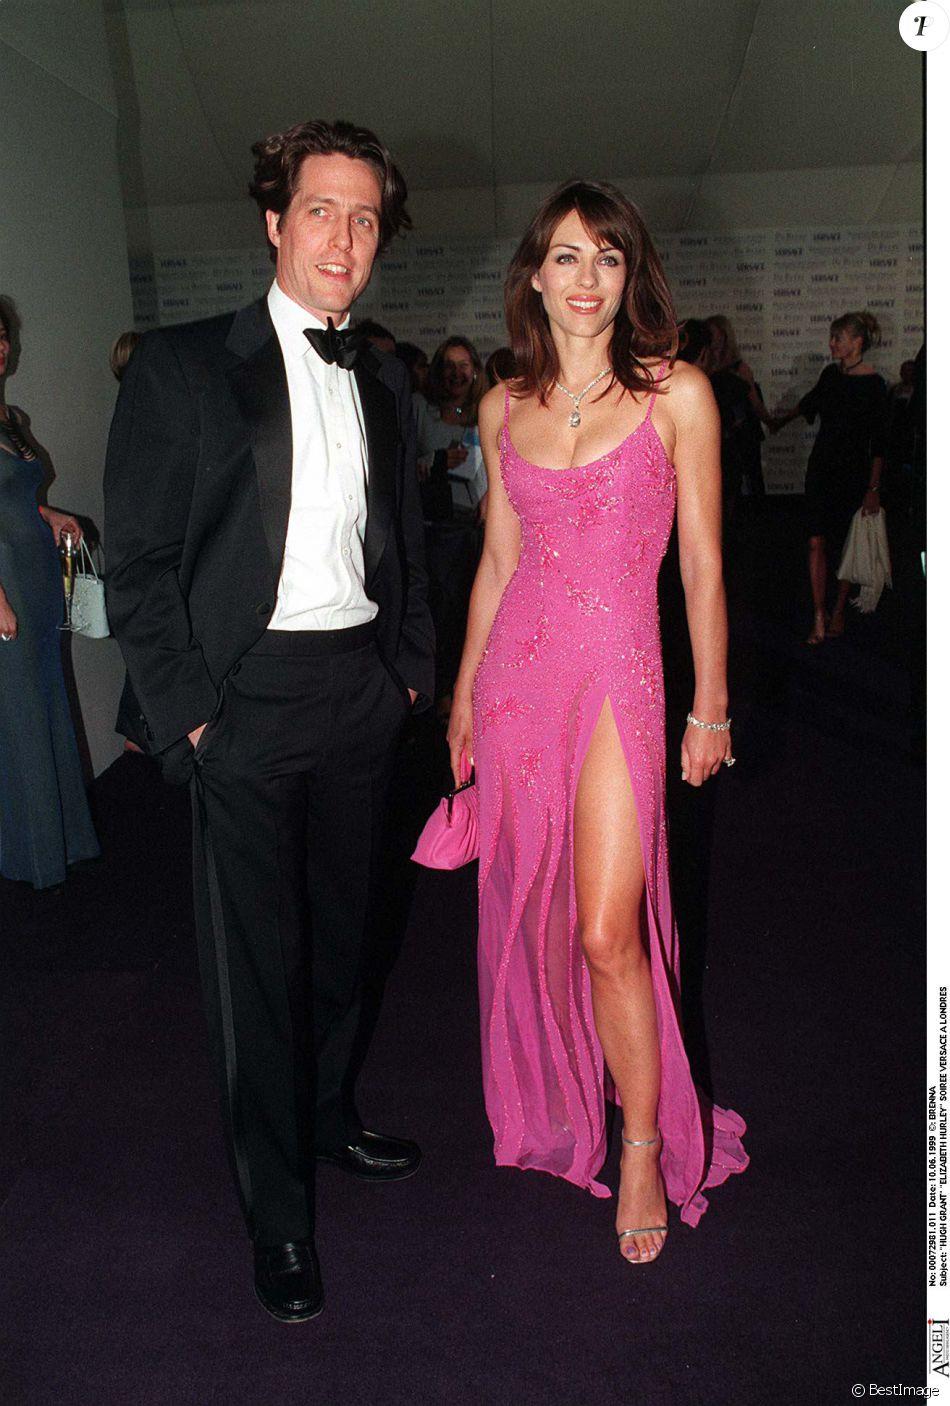 Liz Hurley et Hugh Grant - Soirée Versace à Londres en 1999 - Purepeople